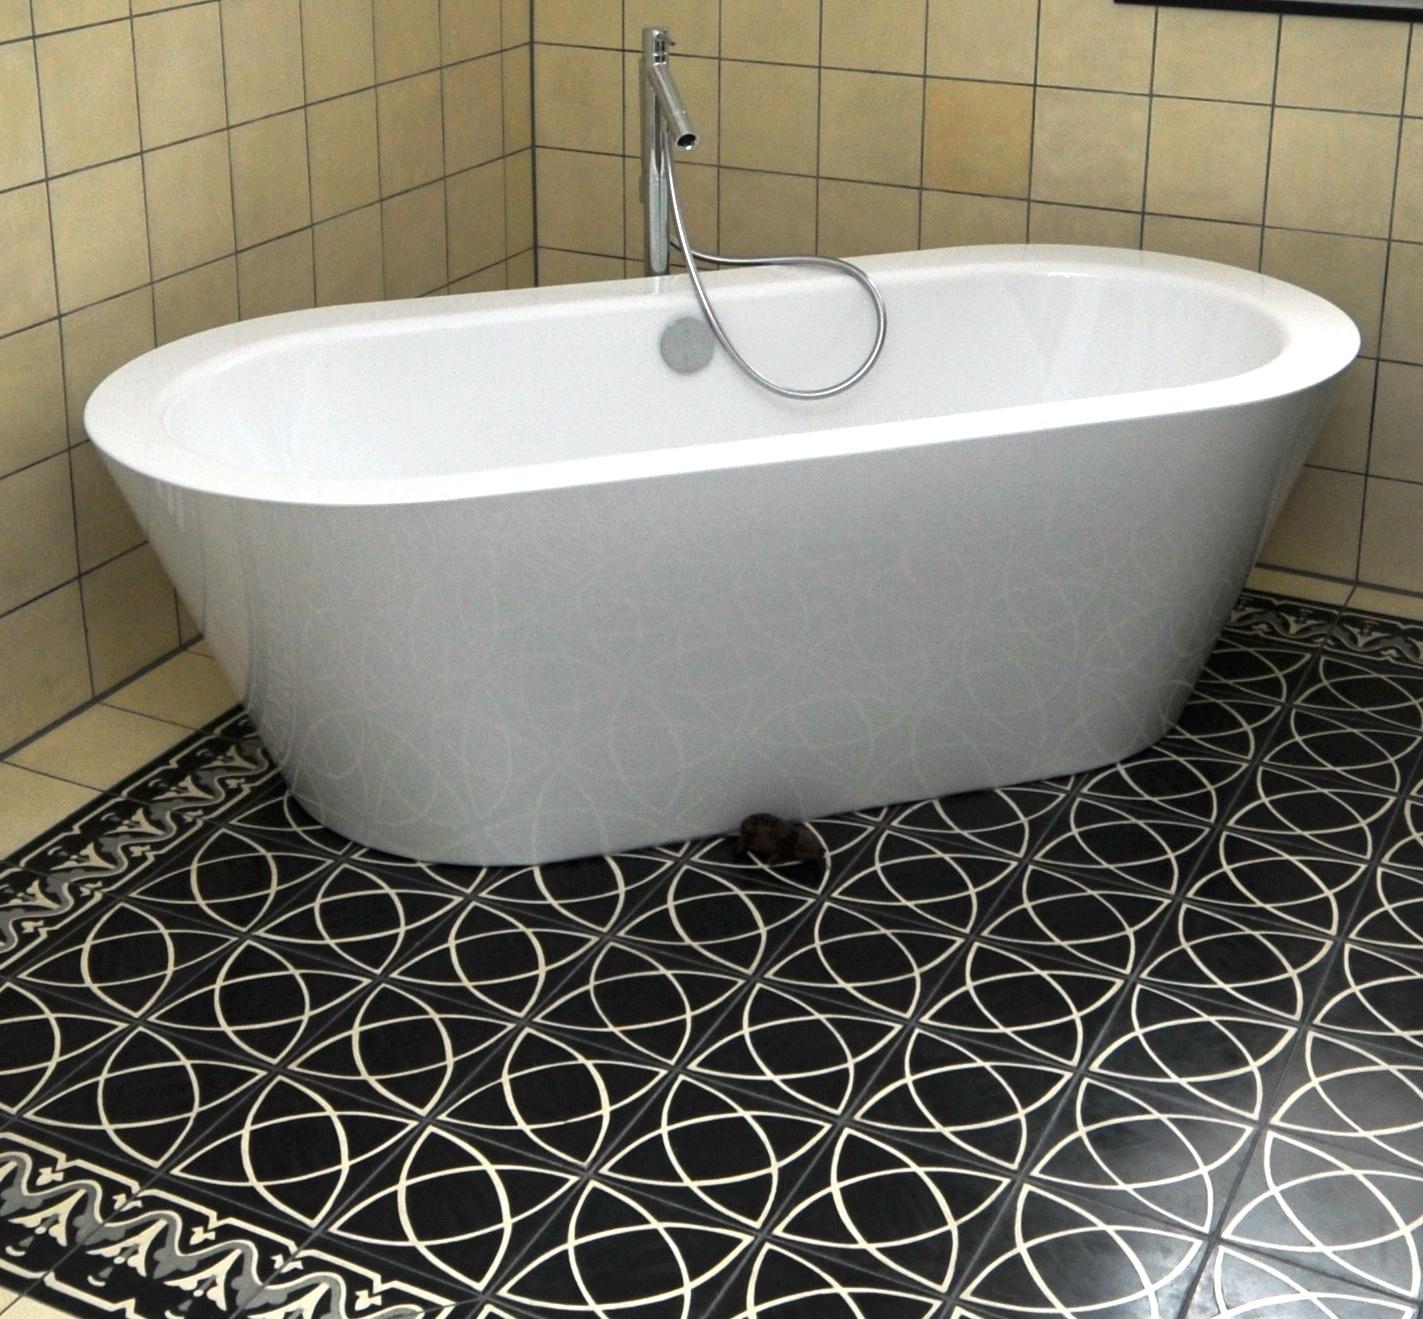 fliesen f r den boden traditionelle muster liegen im trend trendblog. Black Bedroom Furniture Sets. Home Design Ideas